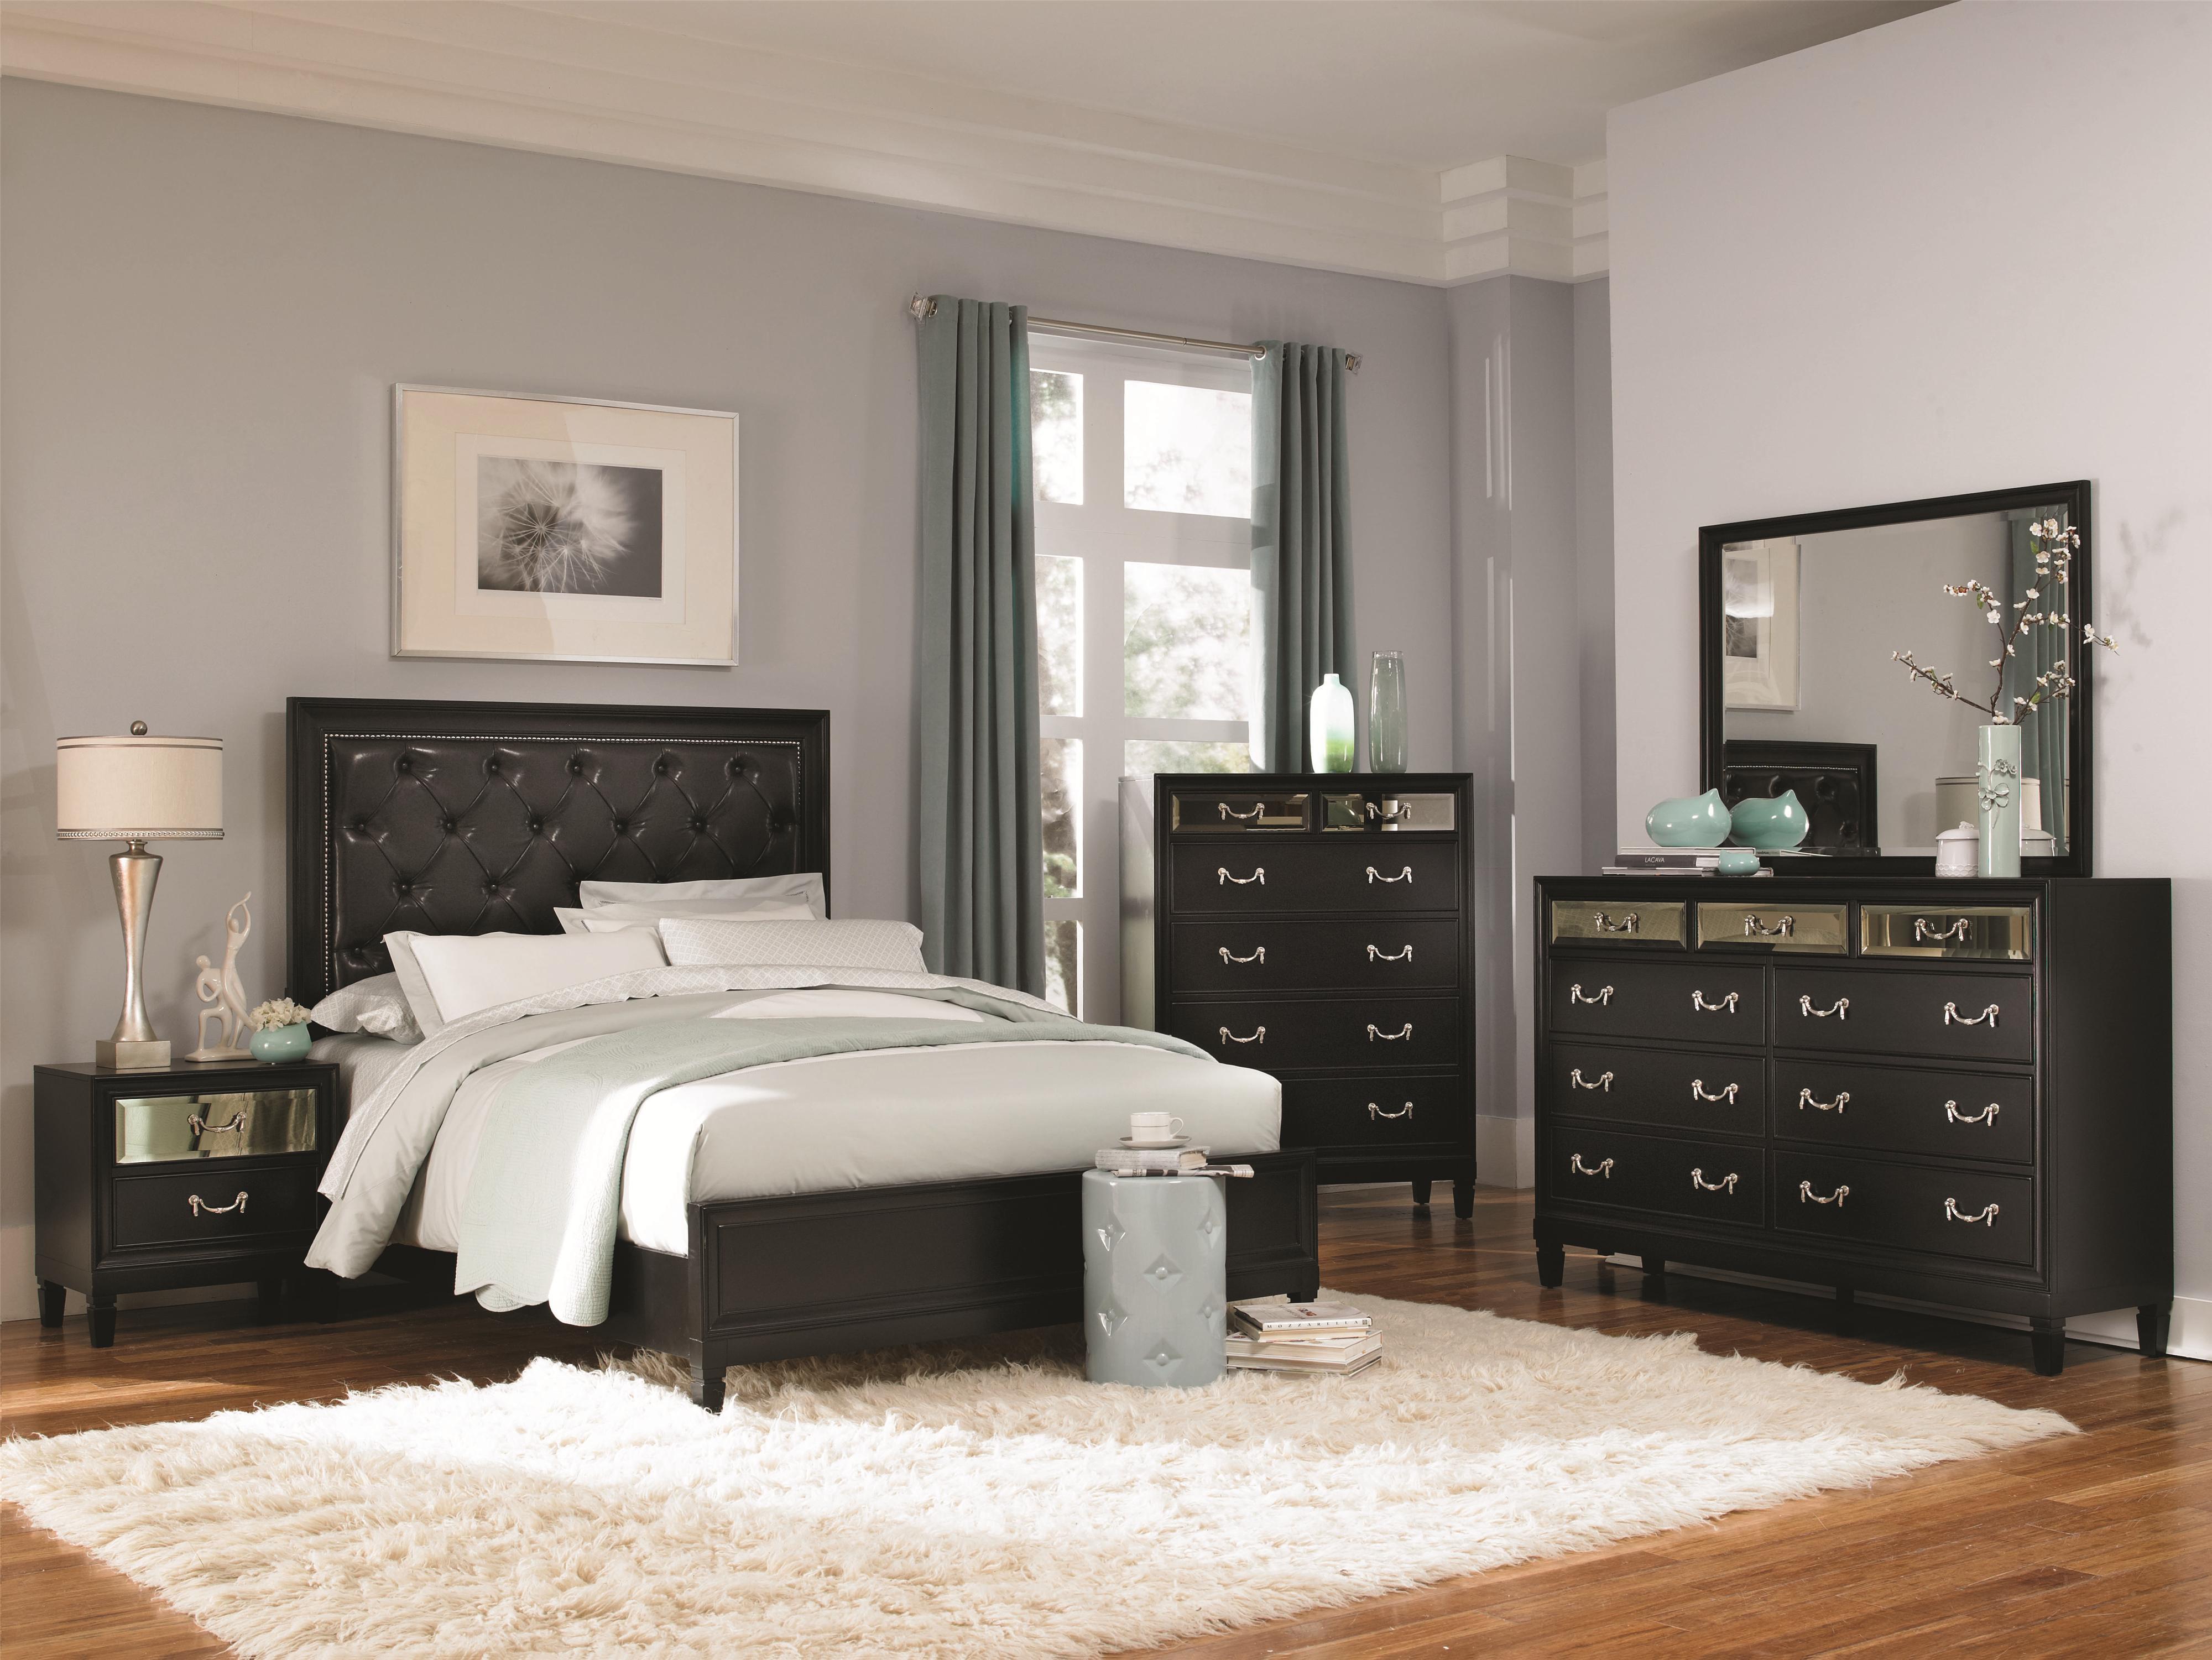 Coaster Devine Bedroom Group - Item Number: 20312 CK Bedroom Group 1